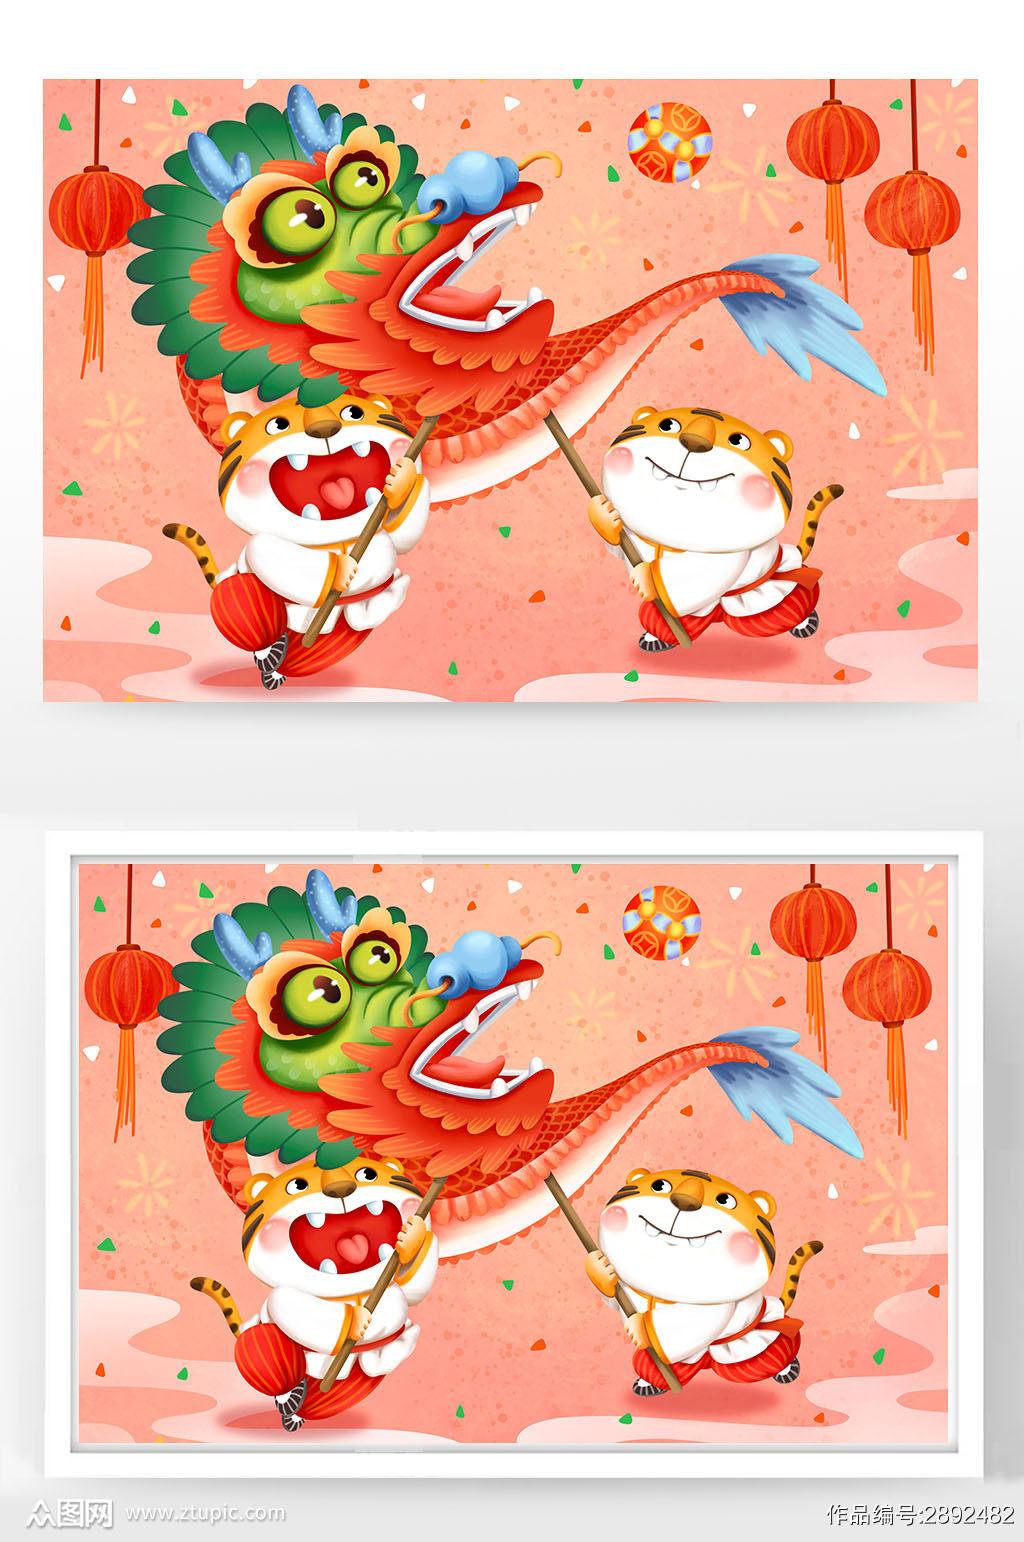 虎年小老虎舞龙春节小清新插画素材